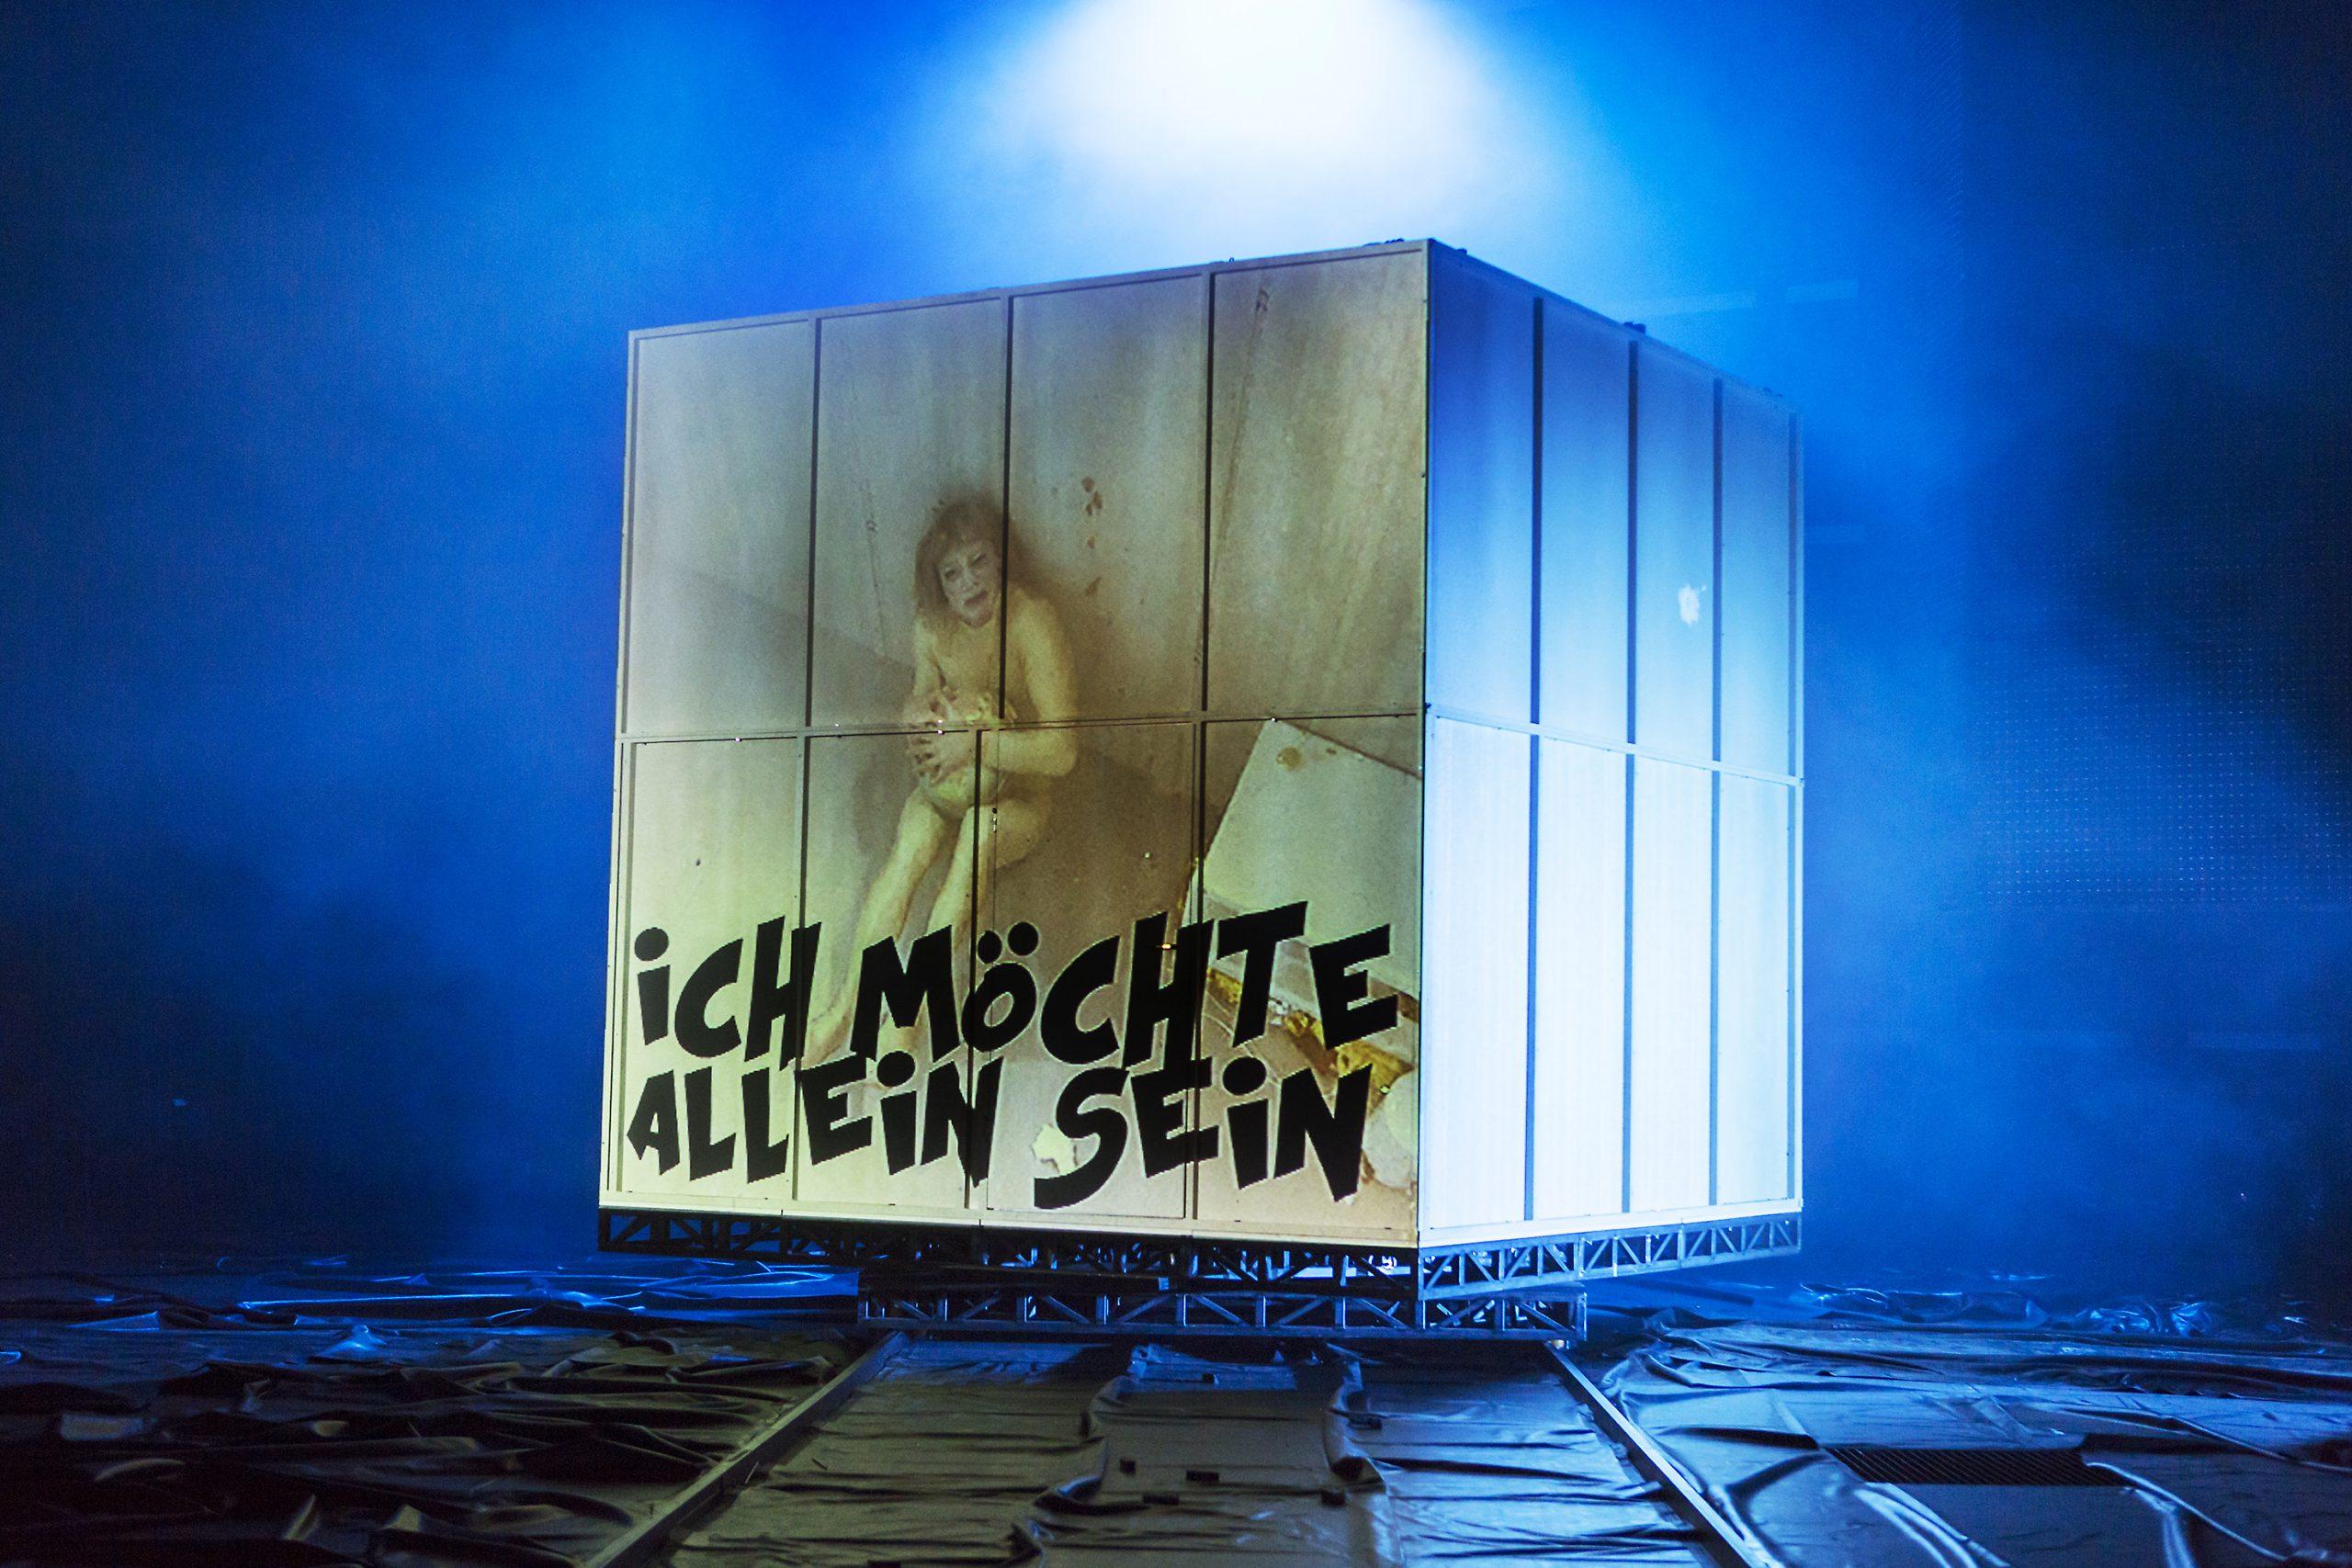 """© Rolf Arnold. Auf einer blau beleuchteten Bühne steht ein großer Würfel auf einer flachen Metallkonstruktion. Auf der vorderen Seite des Würfels ist eine Frau gemalt. Sie sitzt mit leicht angewinkelten Beinen auf dem Boden eines leeren Raums und hält einen Beutel vor ihrem Bauch. Sie schaut nach oben. Im unteren Bereich ist zu lesen: """"Ich möchte allein sein""""."""